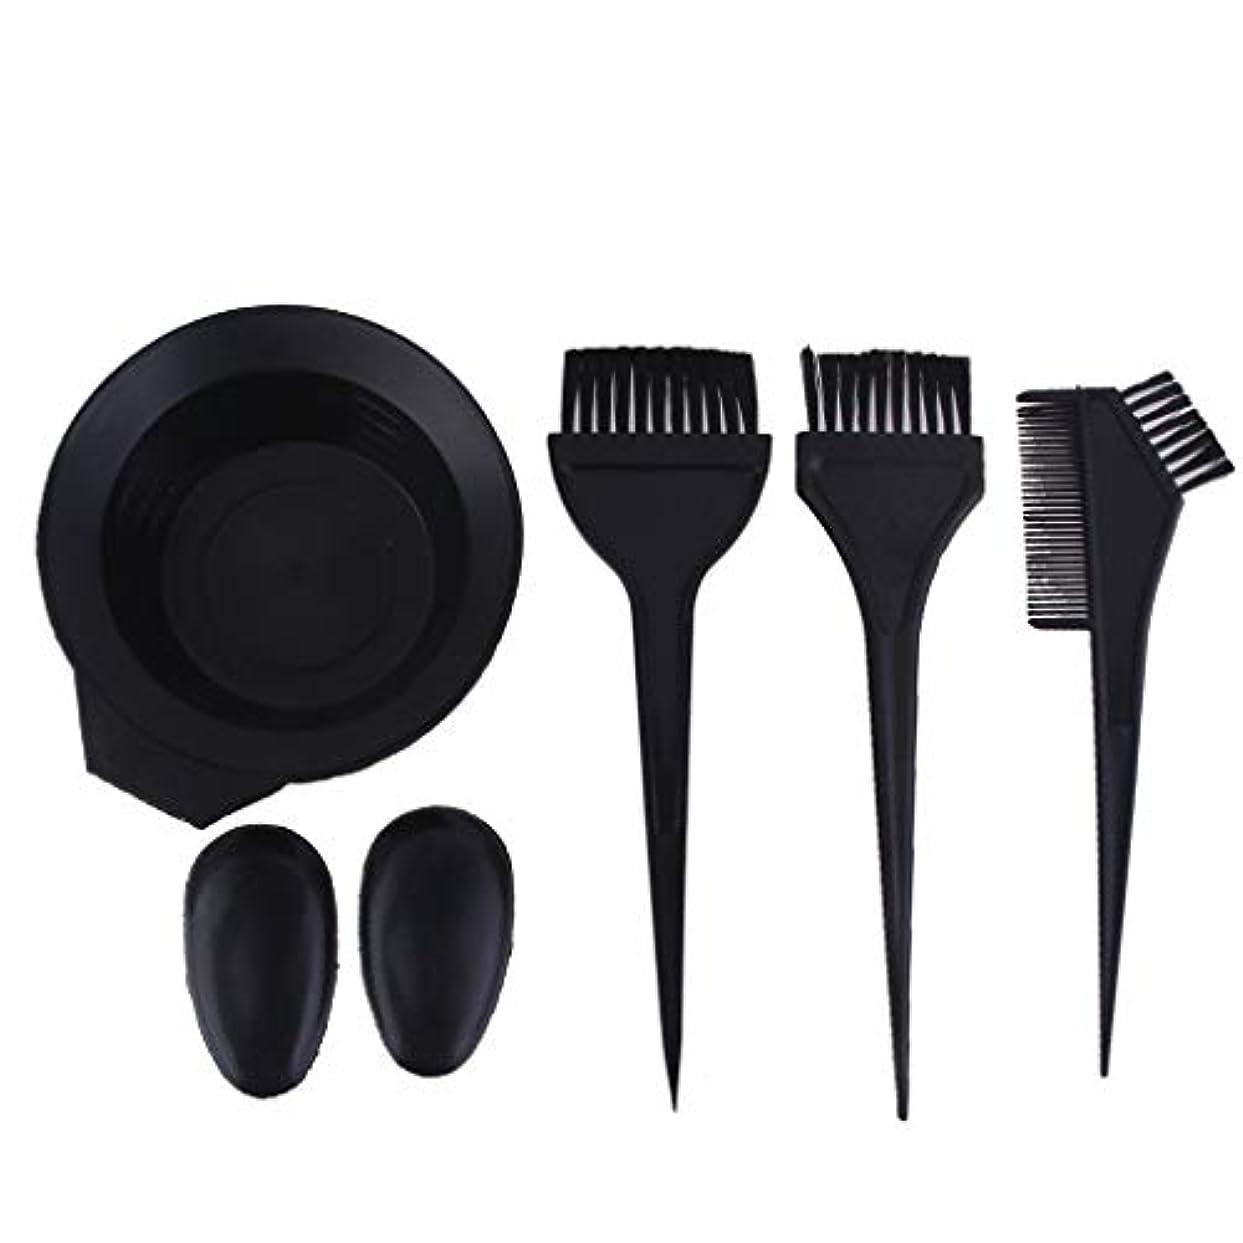 略奪ピックロイヤリティサロンの髪染めのためのプラスチック黒髪ボウル櫛ブラシキット